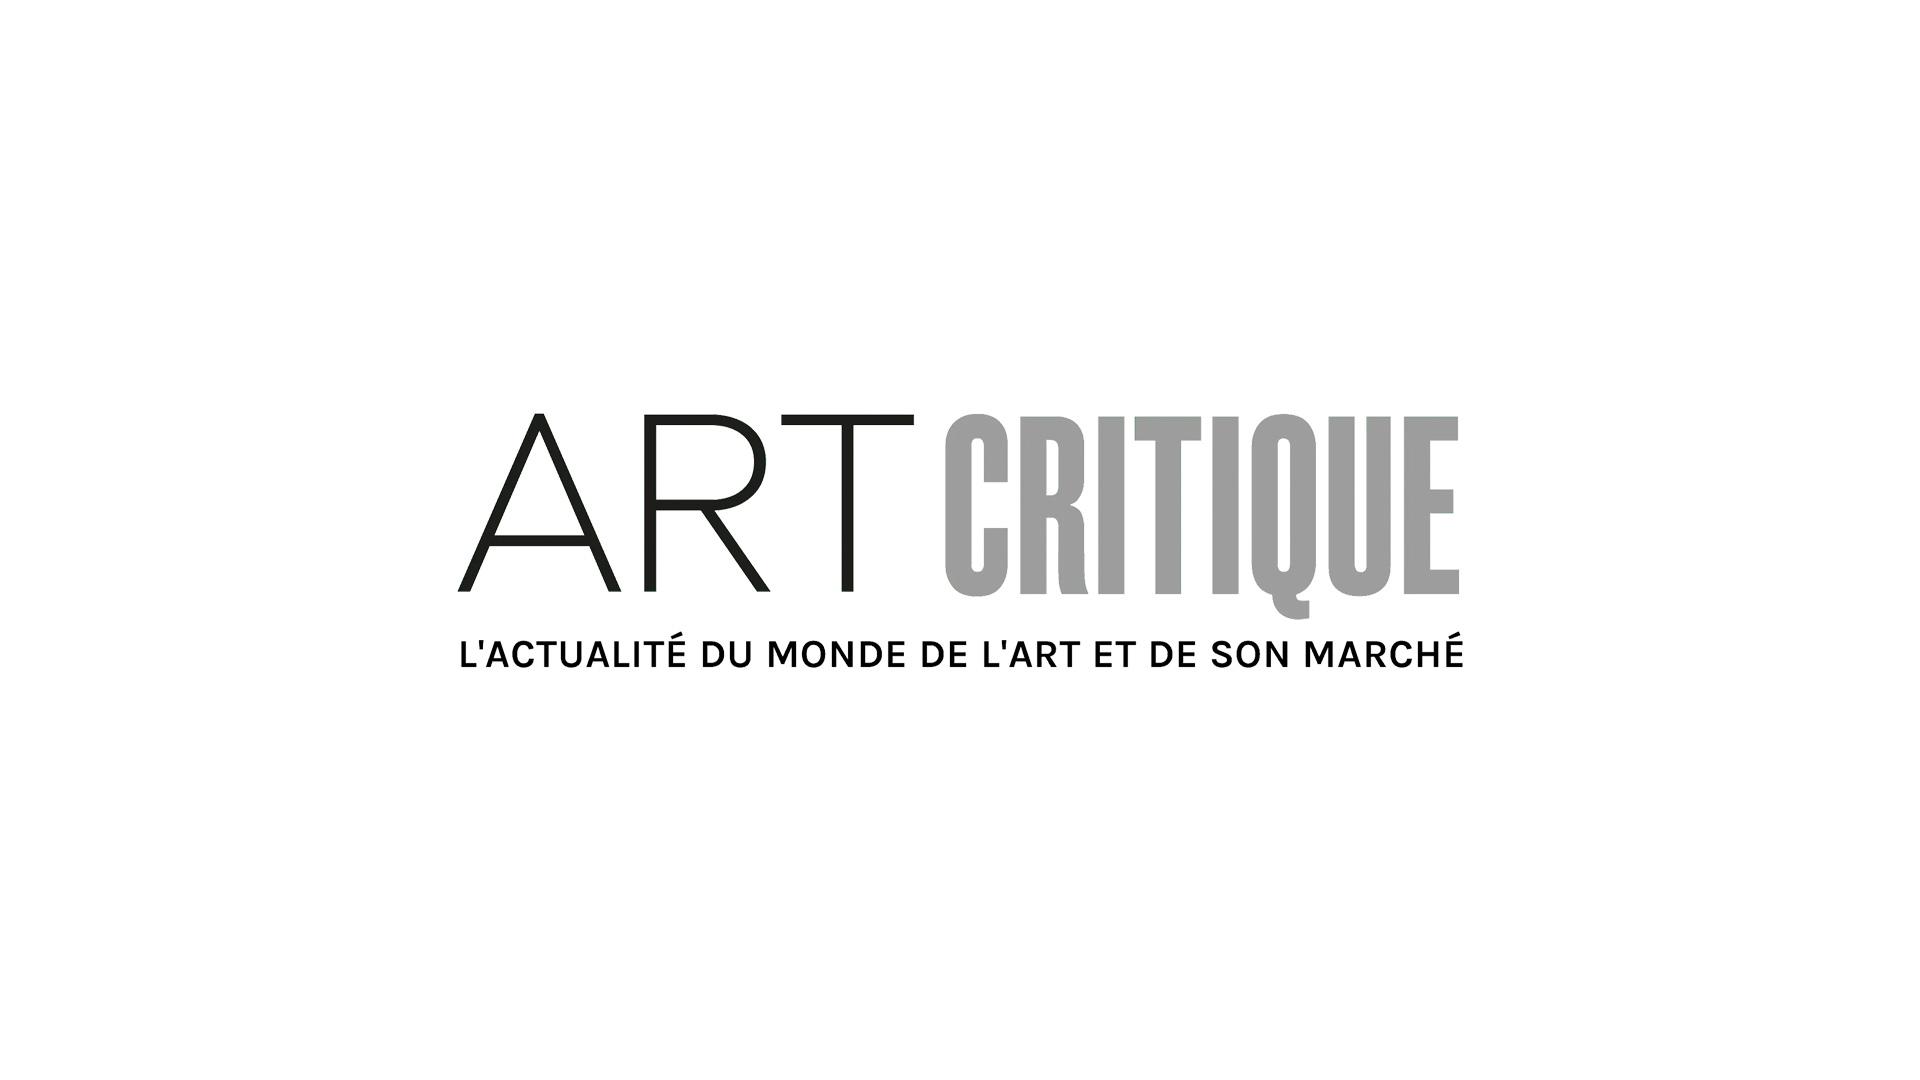 Le Pavillon Le Corbusier rouvre ses portes à Zurich